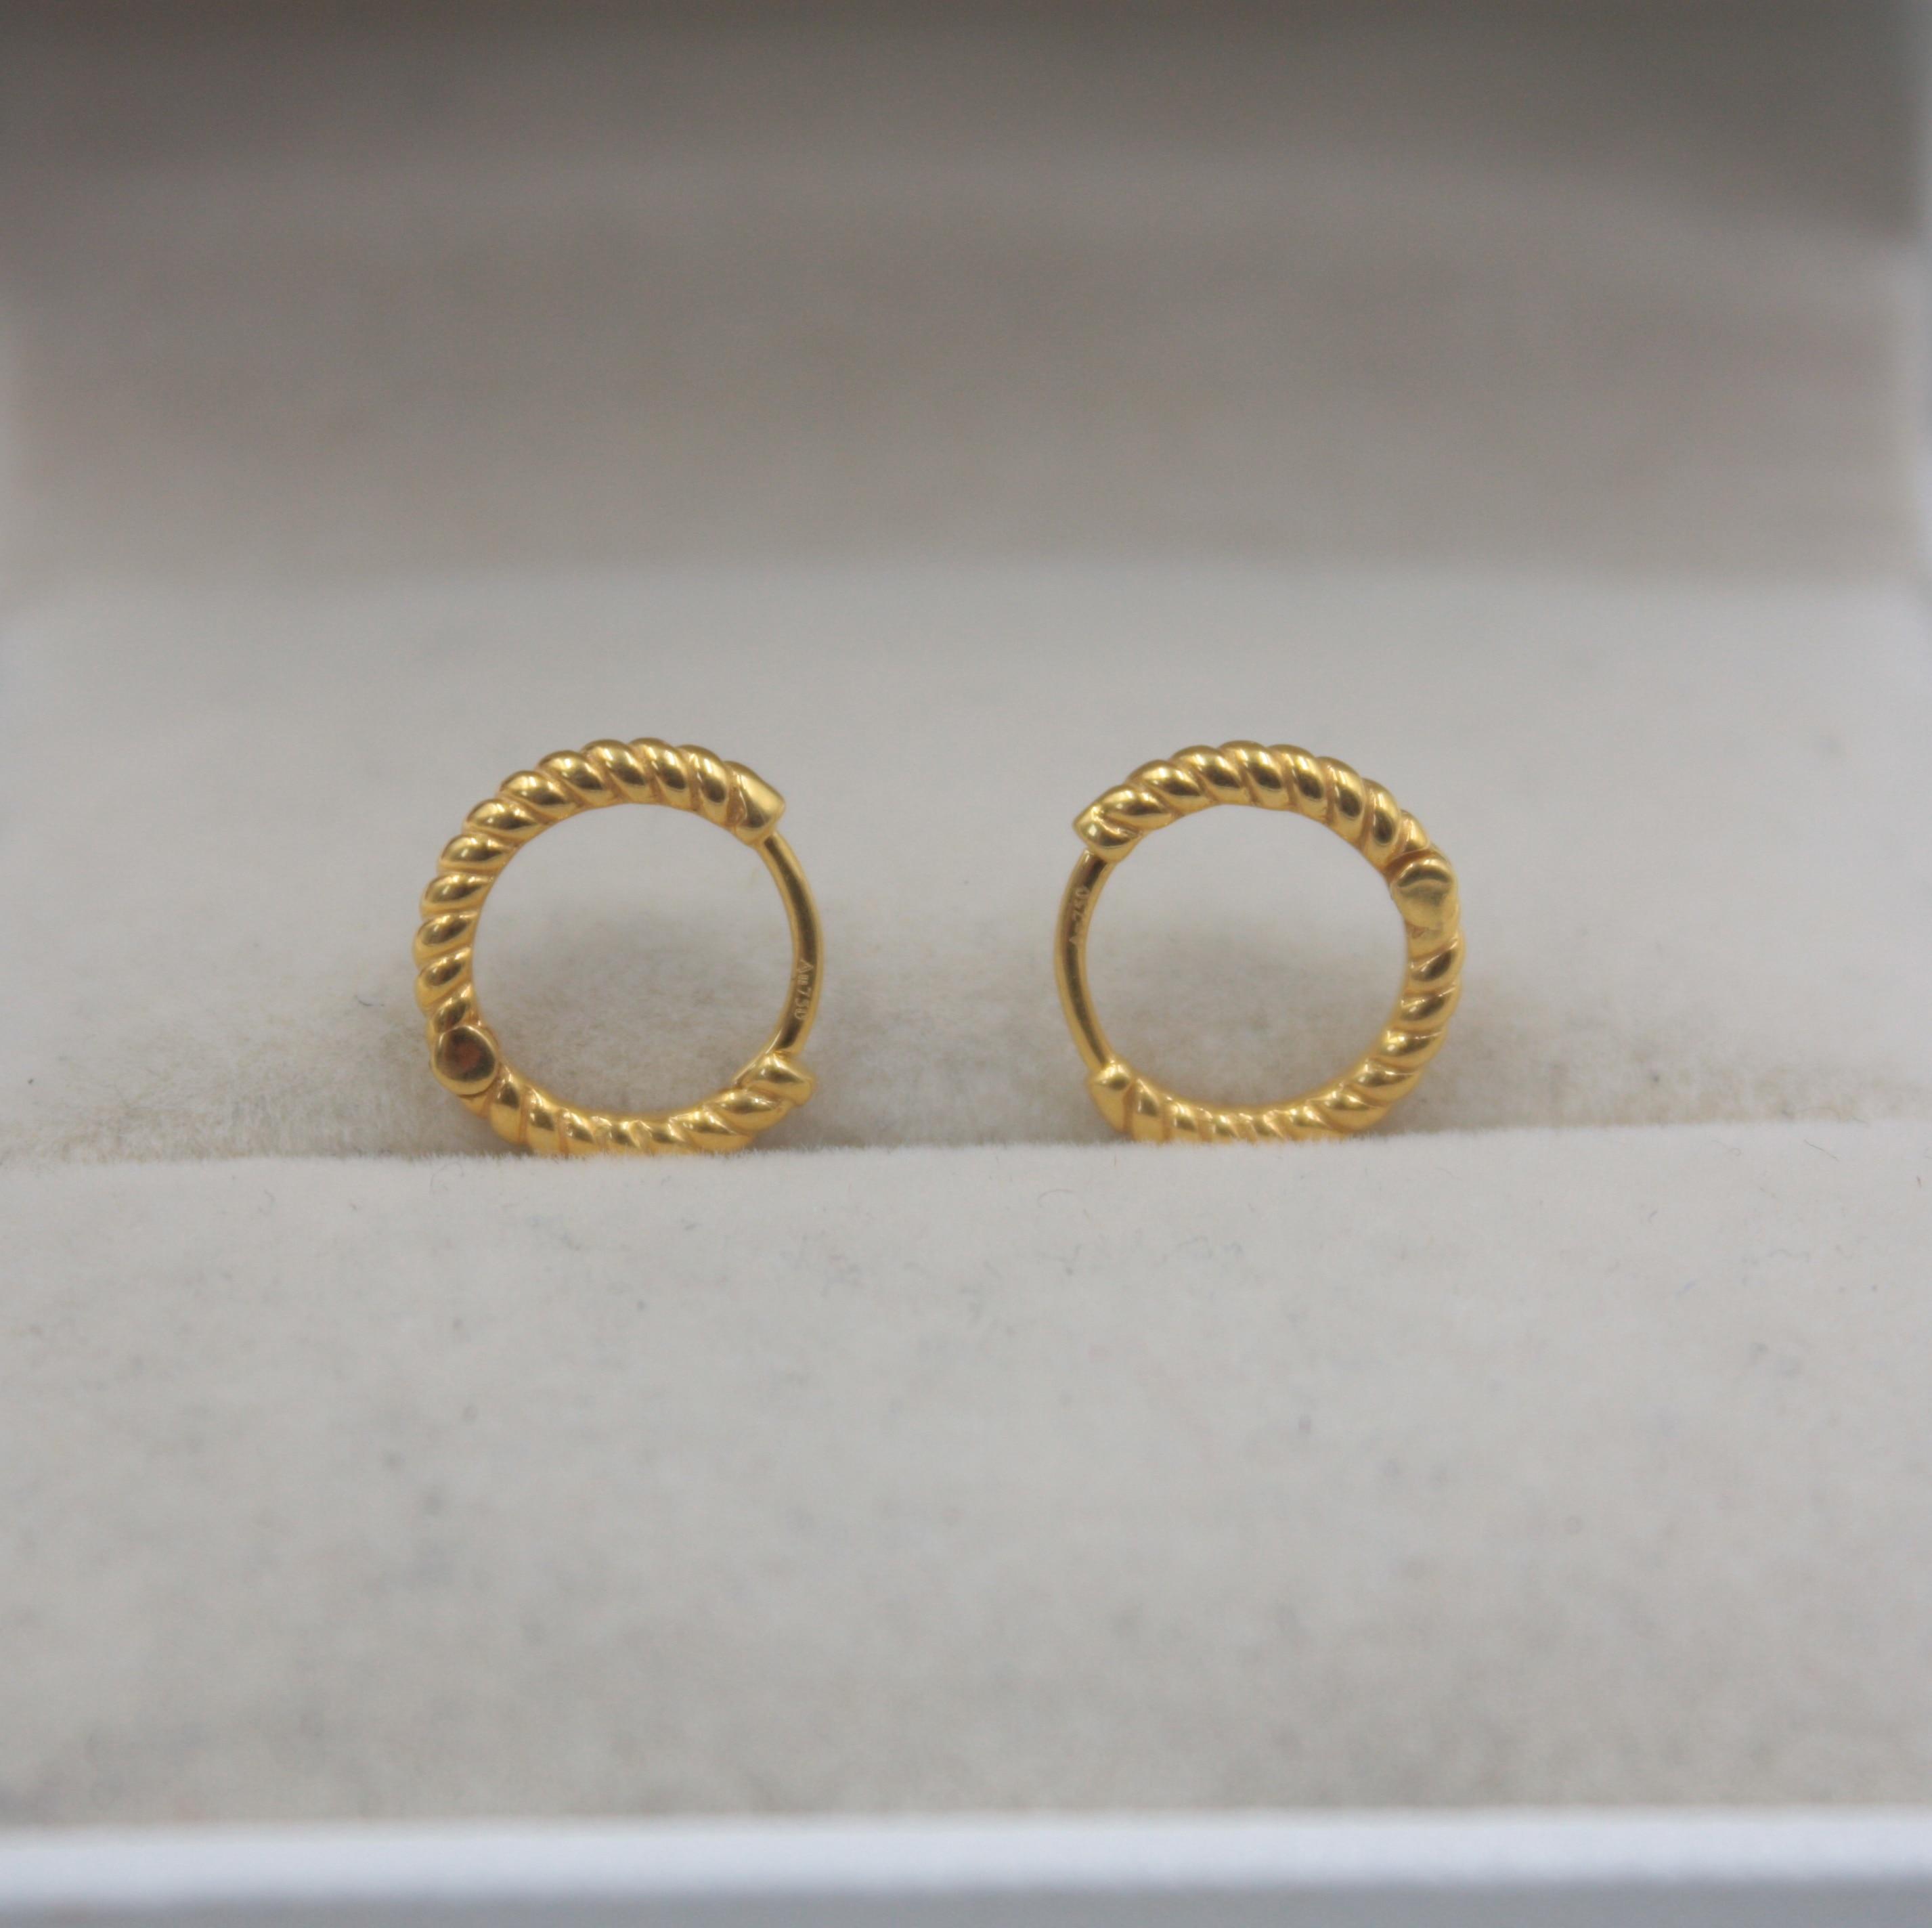 Boucles d'oreilles en or jaune 18 K véritable modèle de corde parfaite femme cerceau chanceux 11 mmDia pour femmes fille 1.2-1.3g bijoux